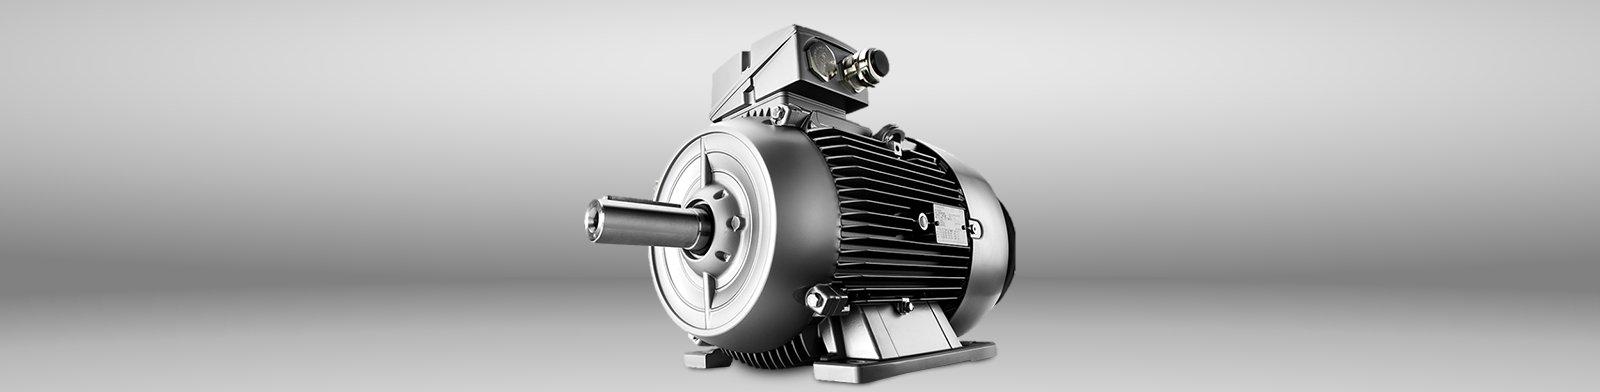 IEC Electric Motors